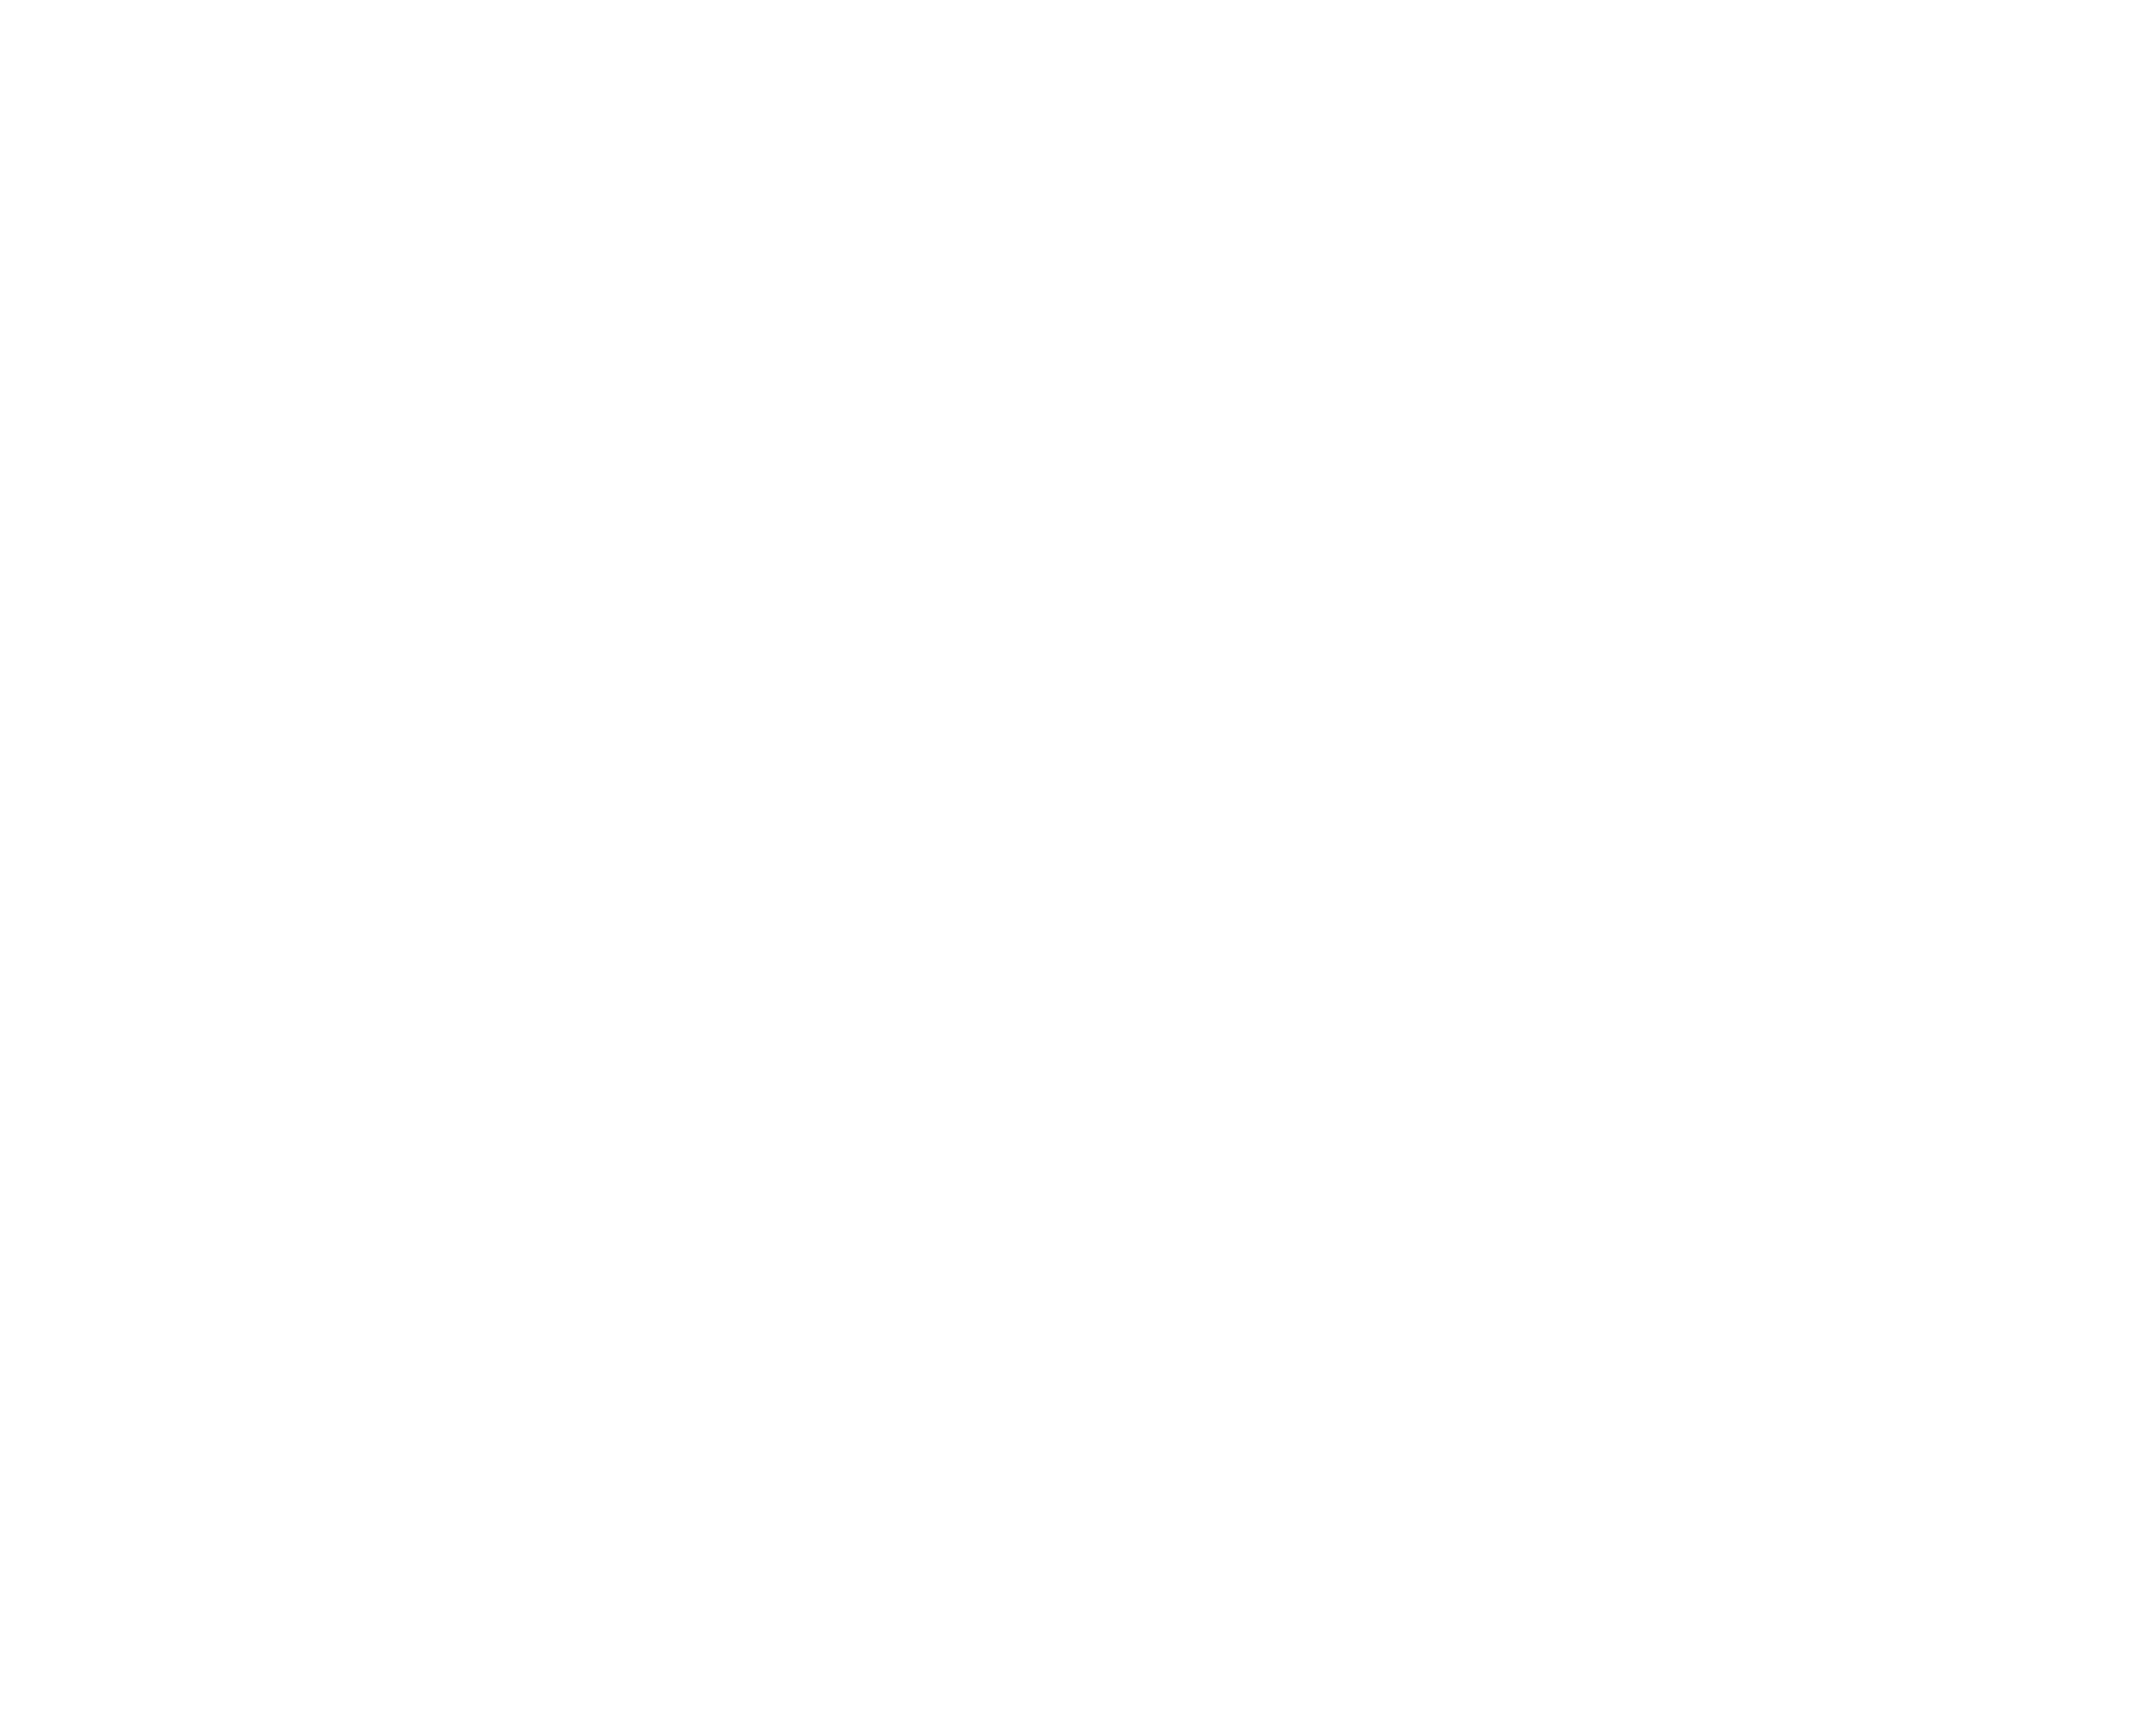 framerate MEDIA